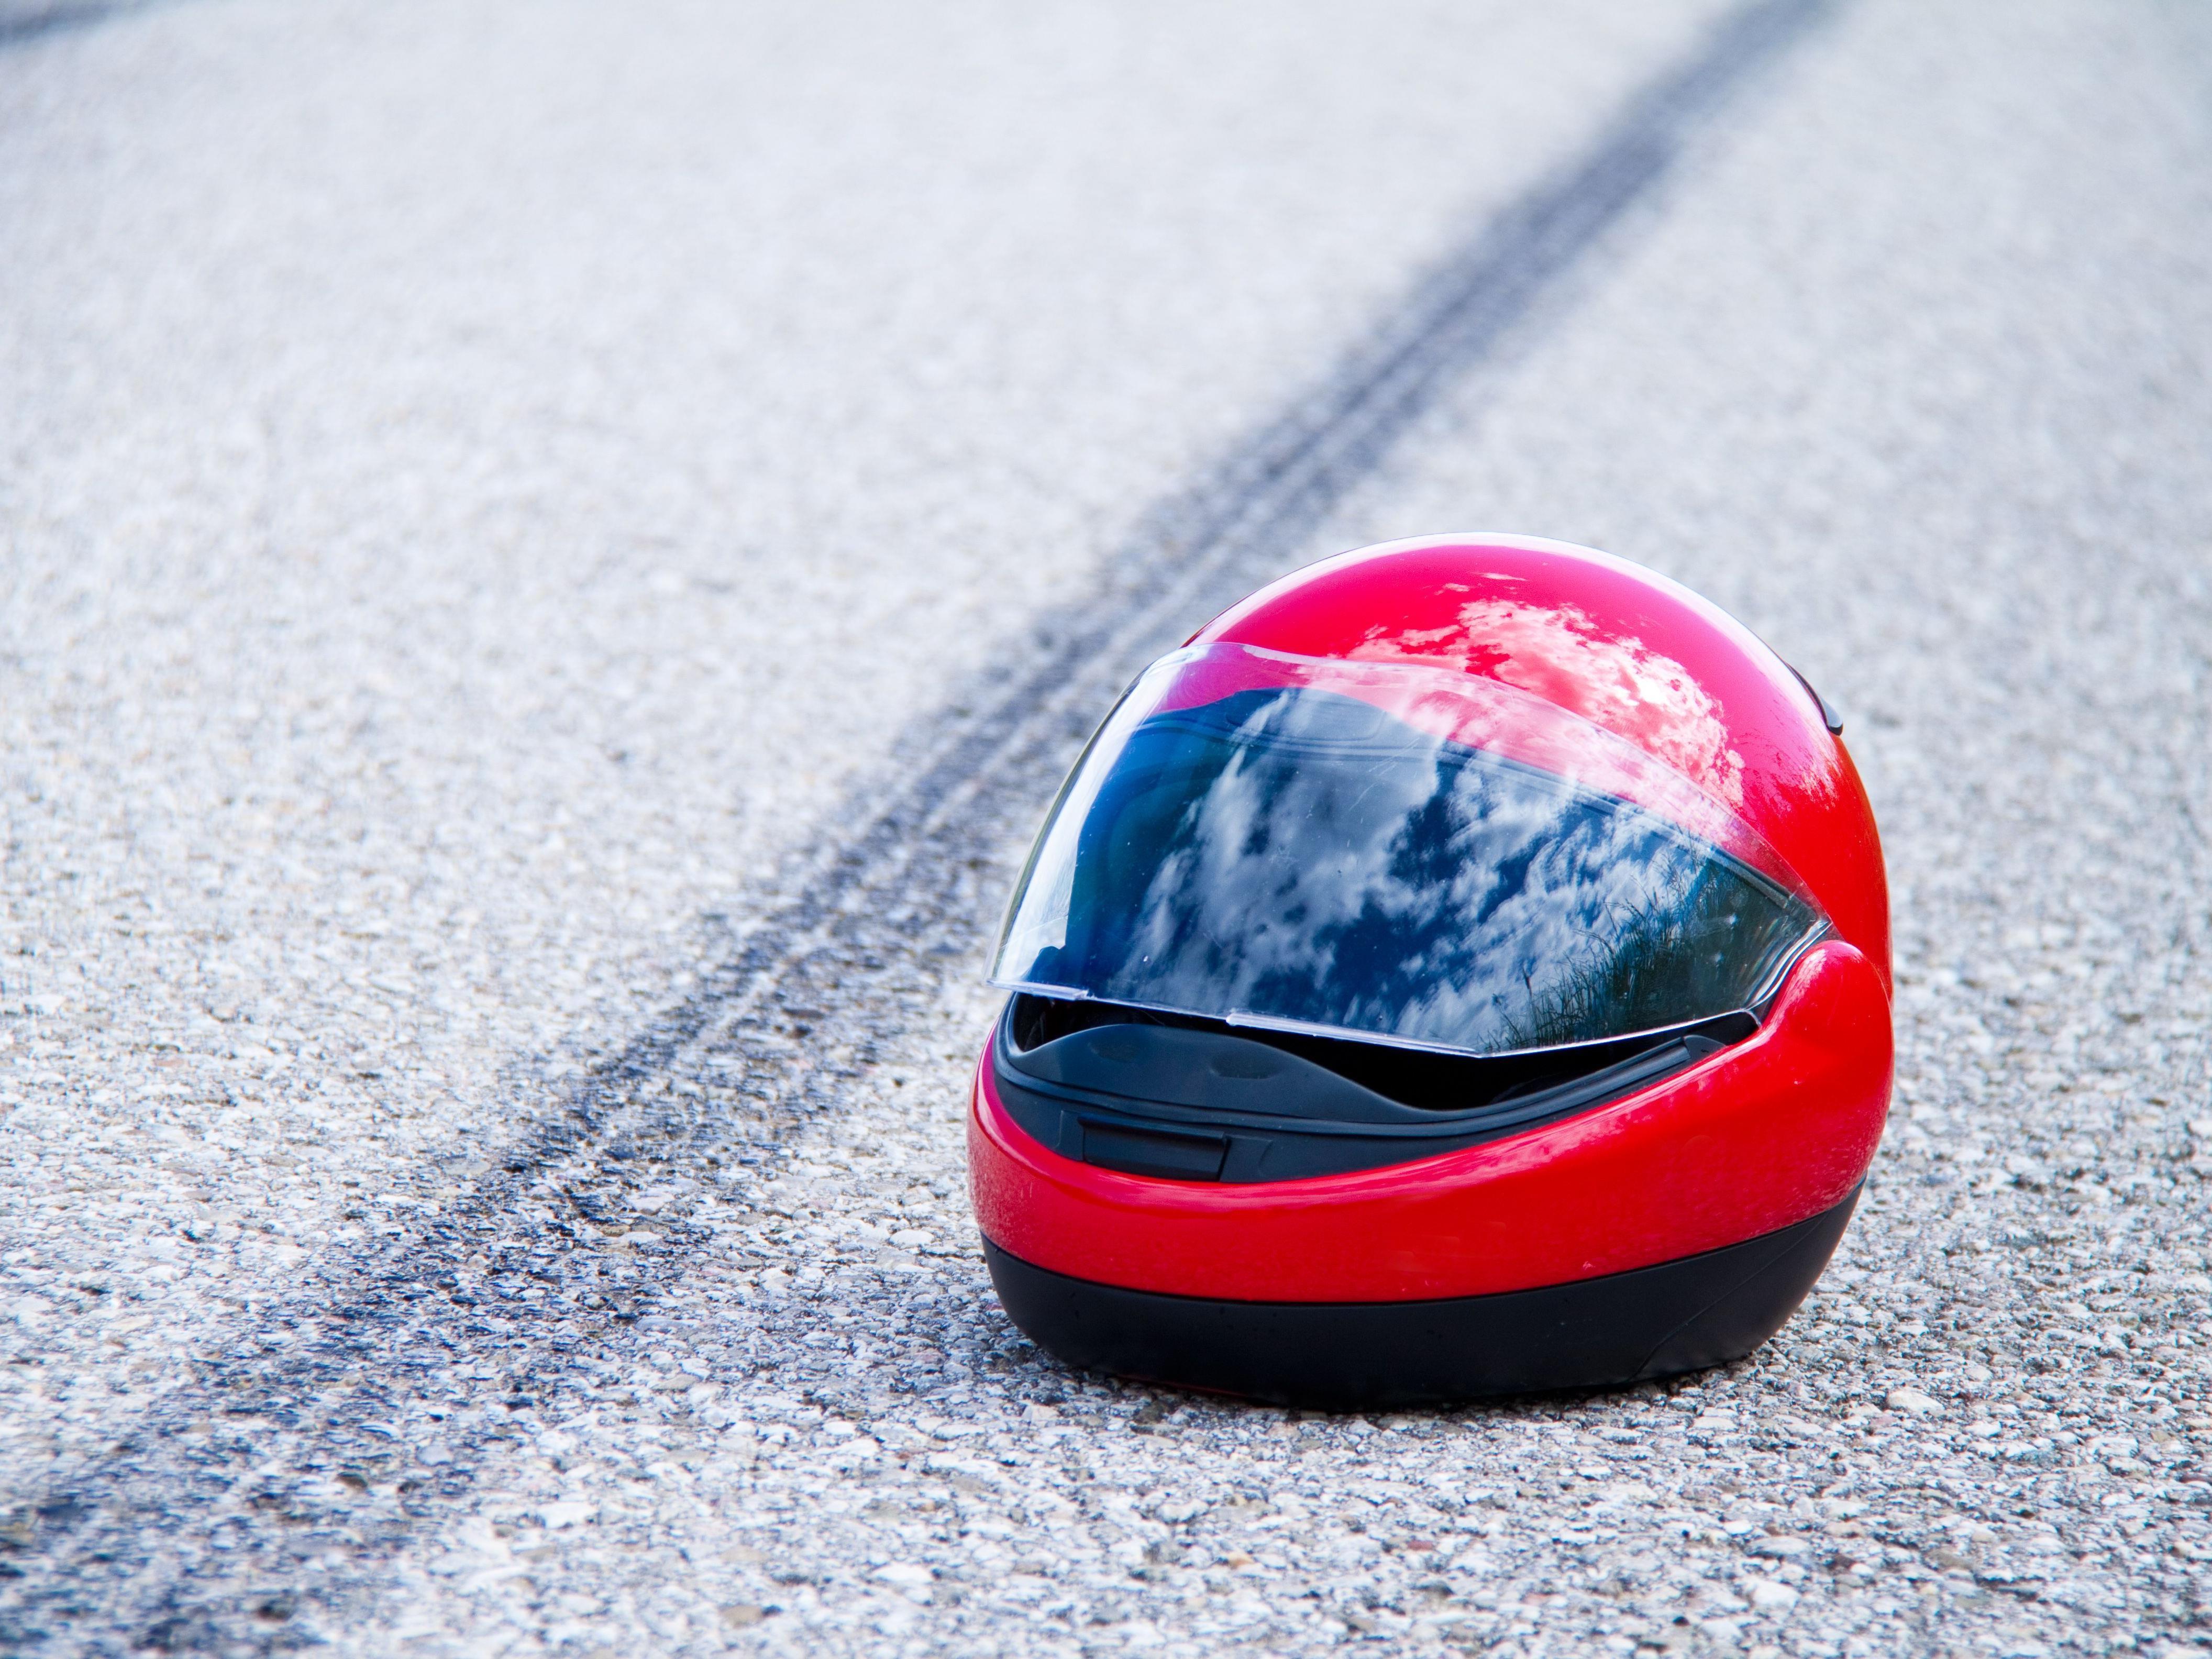 Ein 28-jähriger Motorradfahrer musste nach einem Verkehrsunfall ins Krankenhaus eingeliefert werden.